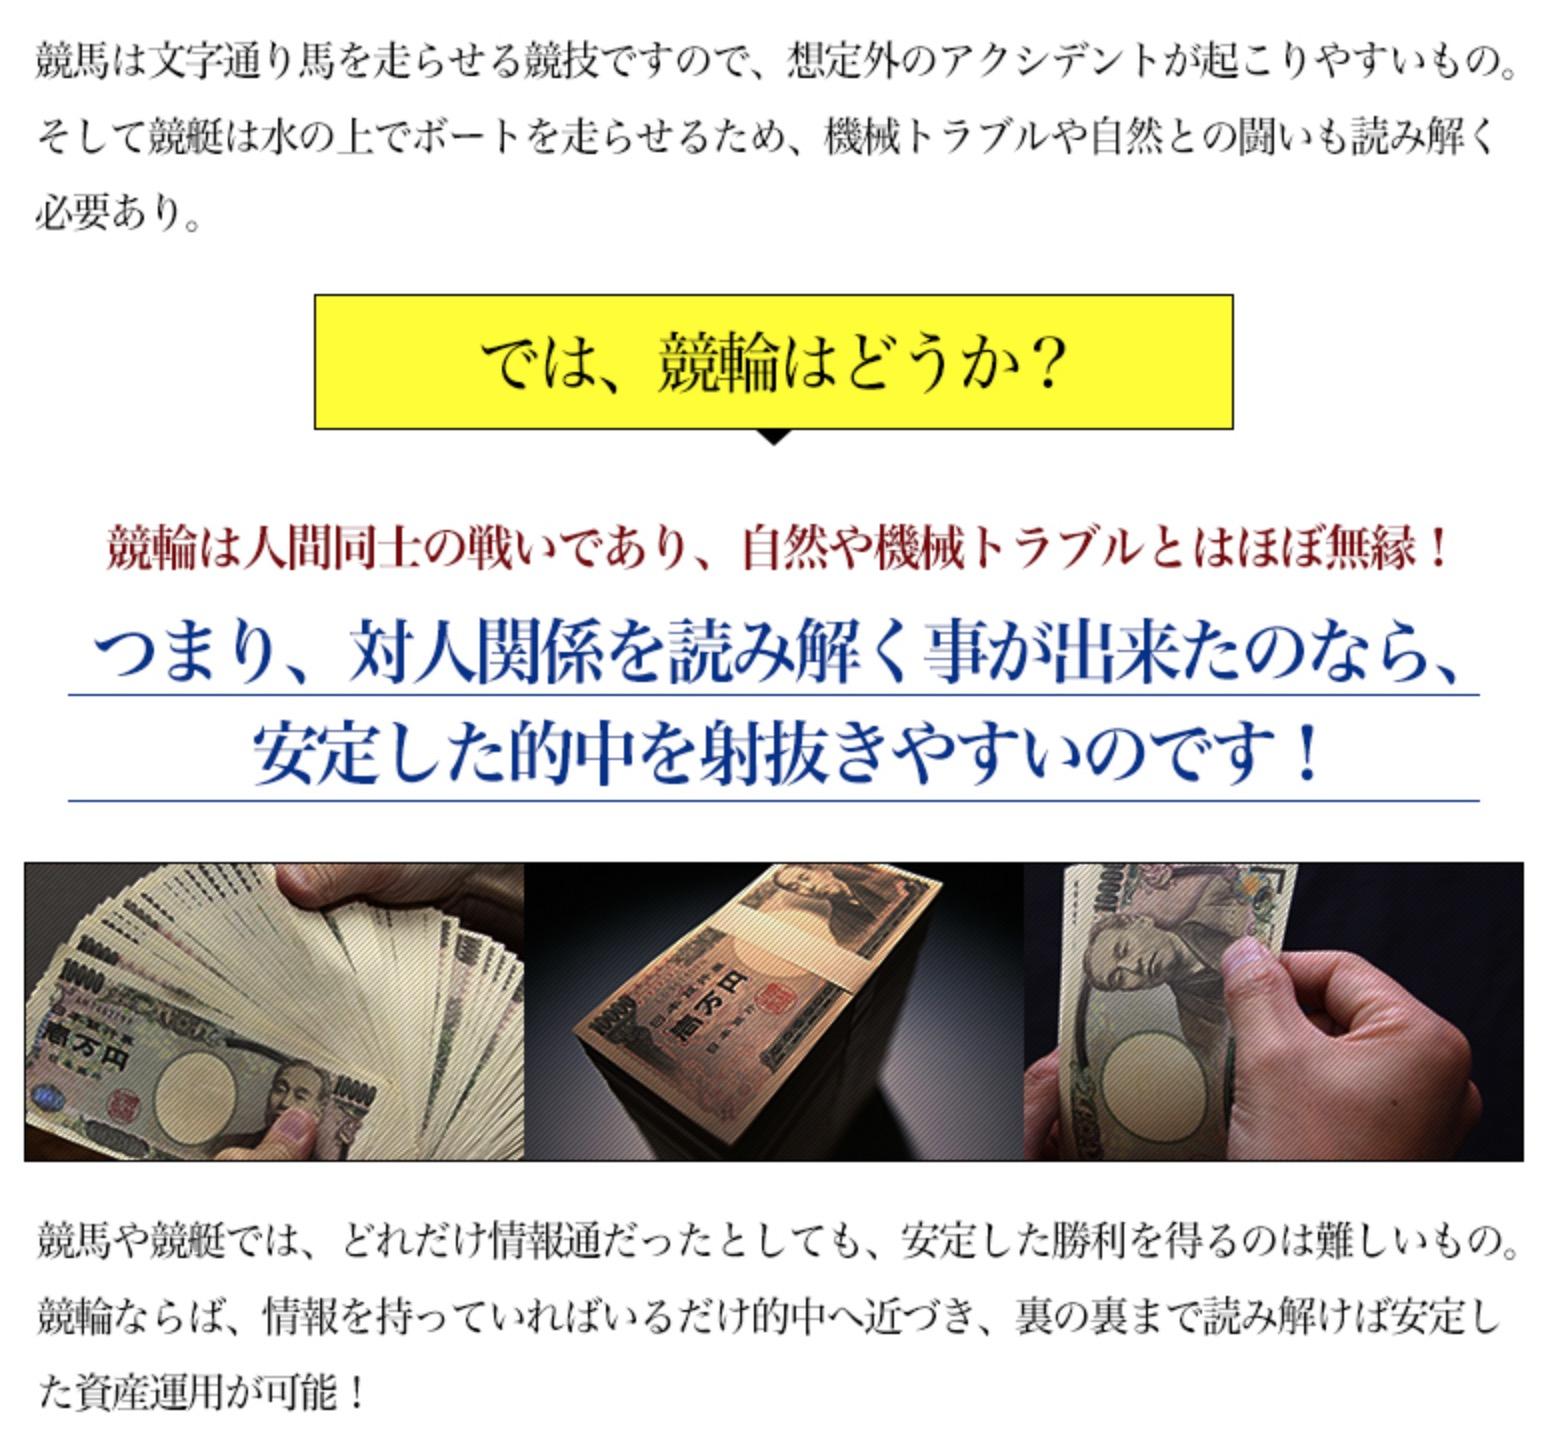 競輪投資BANKtop・悪徳サイト・詐欺・BANK・検証